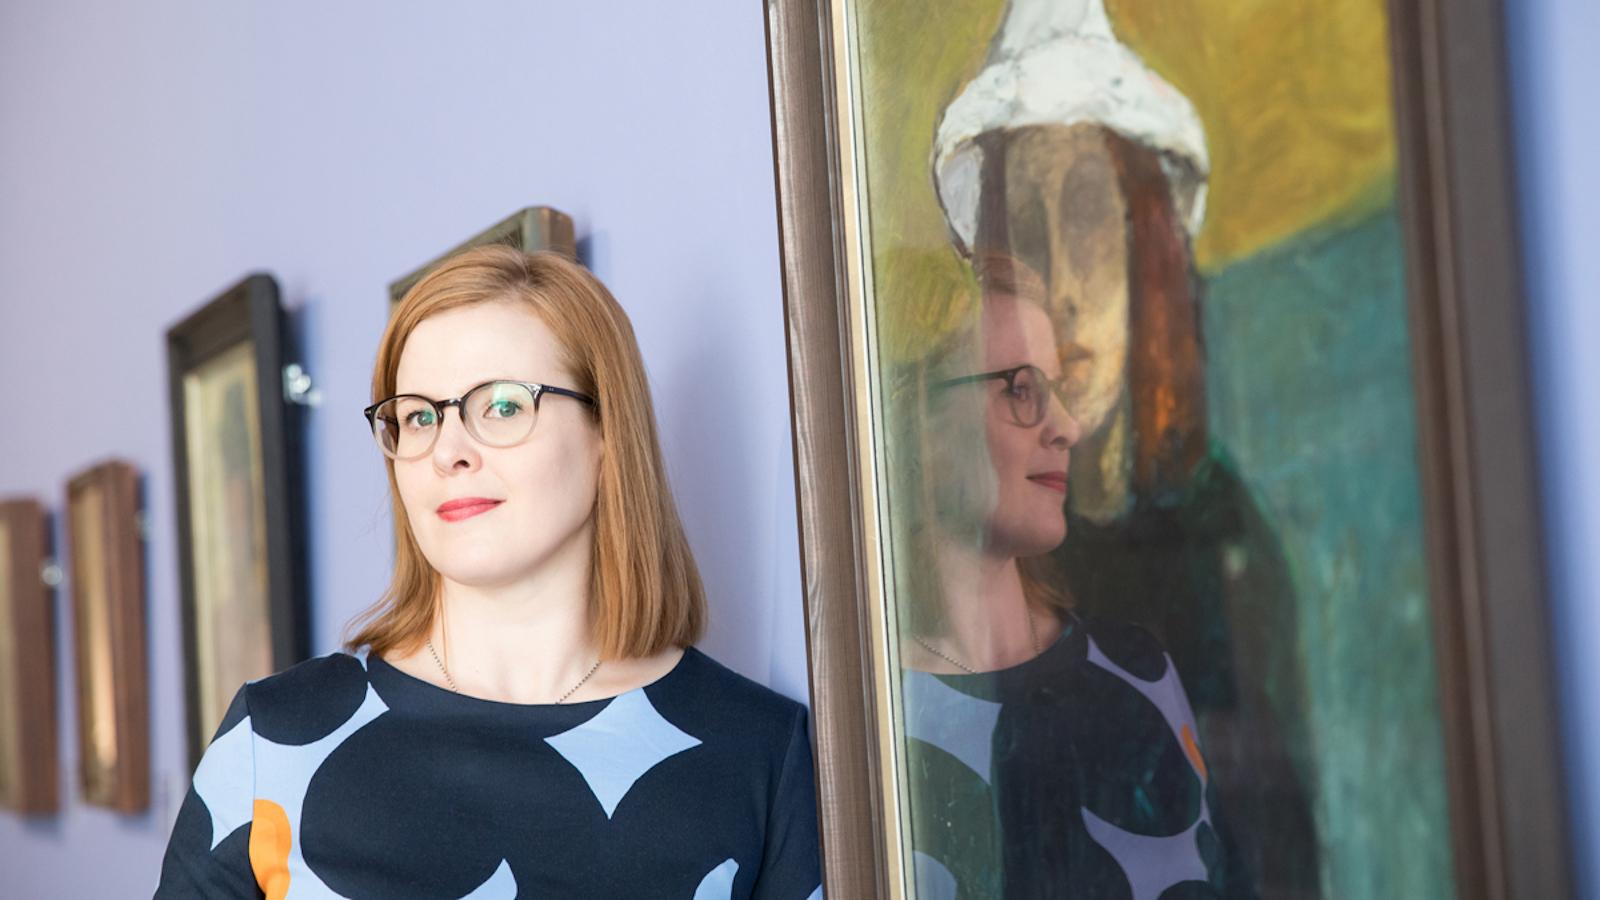 Kuvassa on Anu-Maarit Moilanen vieressään taulu, jossa on hatullinen nainen.